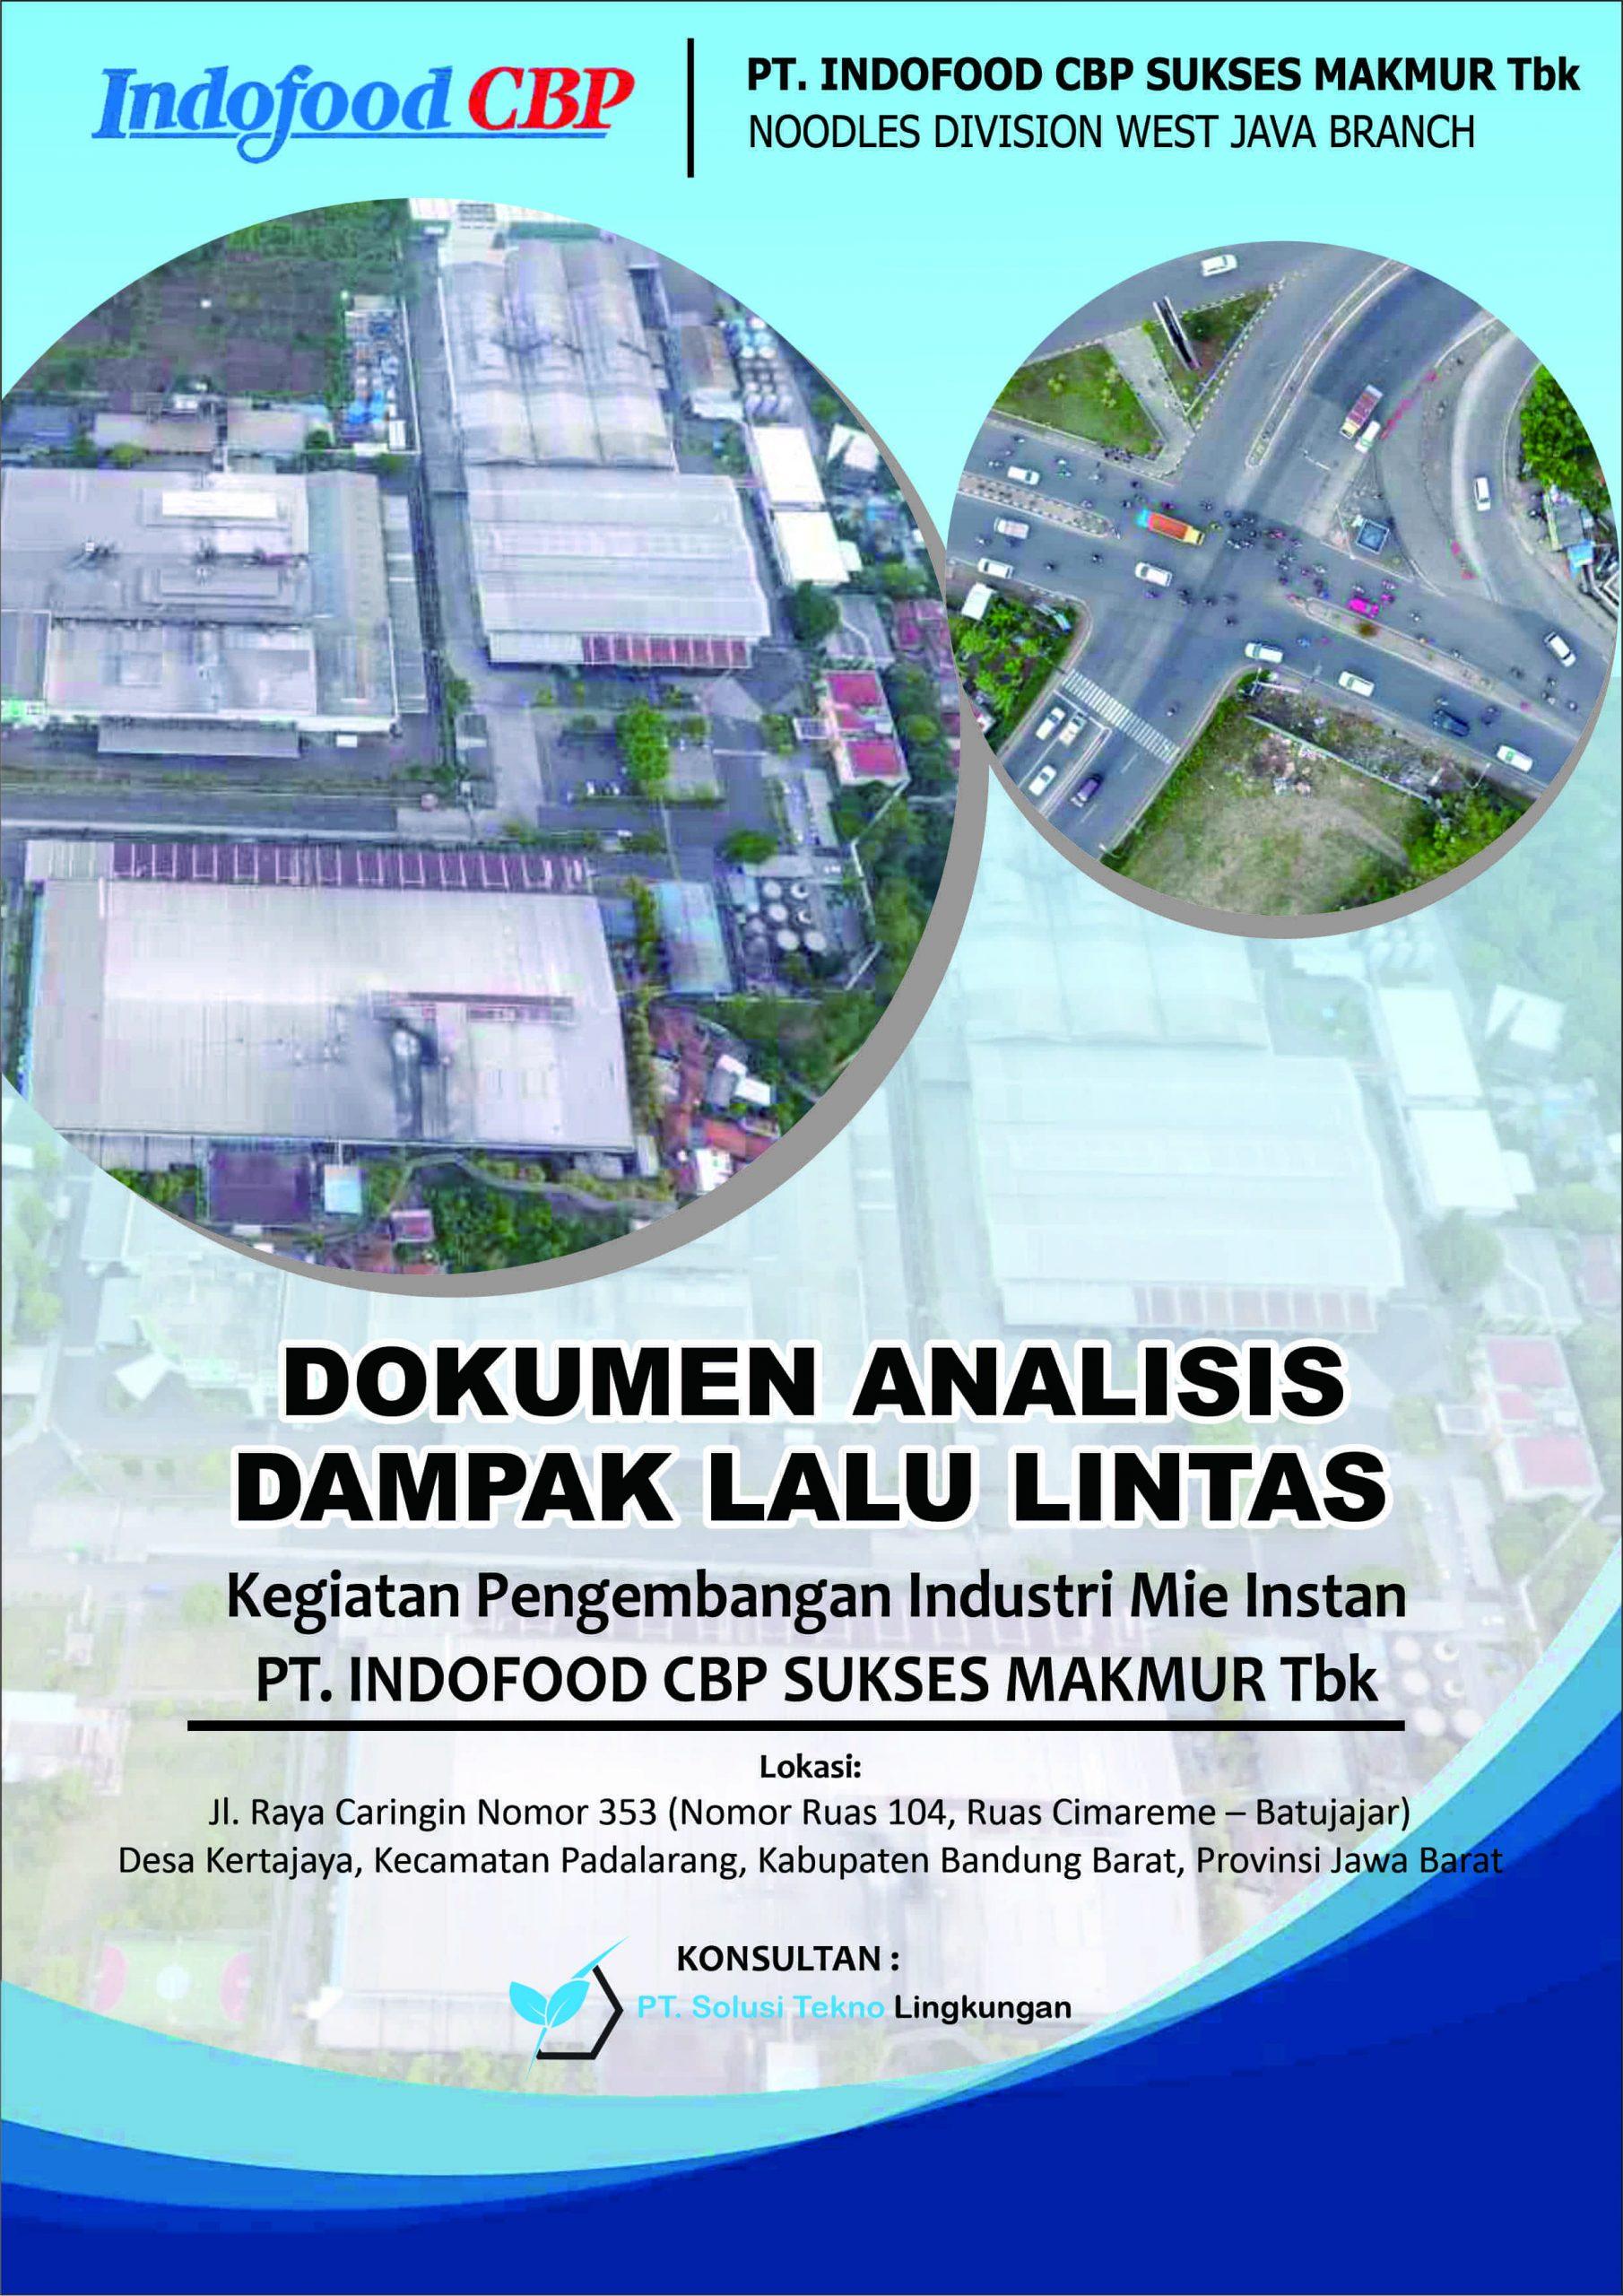 ANDALALIN PT. Indofood CBP Sukses Makmur Tbk. Divisi Noodle Cabang Bandung